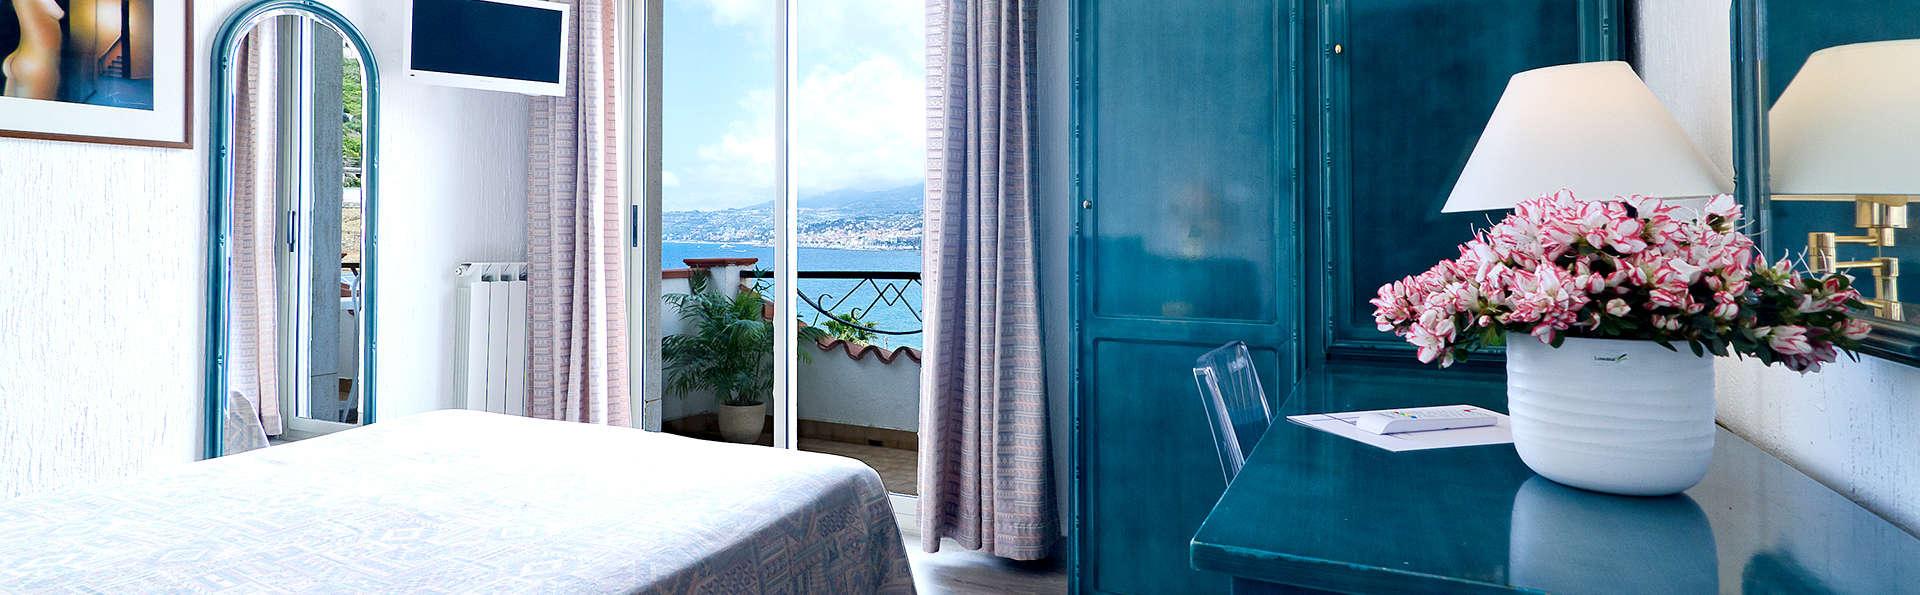 Vacances dans la Riviera dei Fiori dans un hôtel moderne 3 * (à partir de 3 nuits)